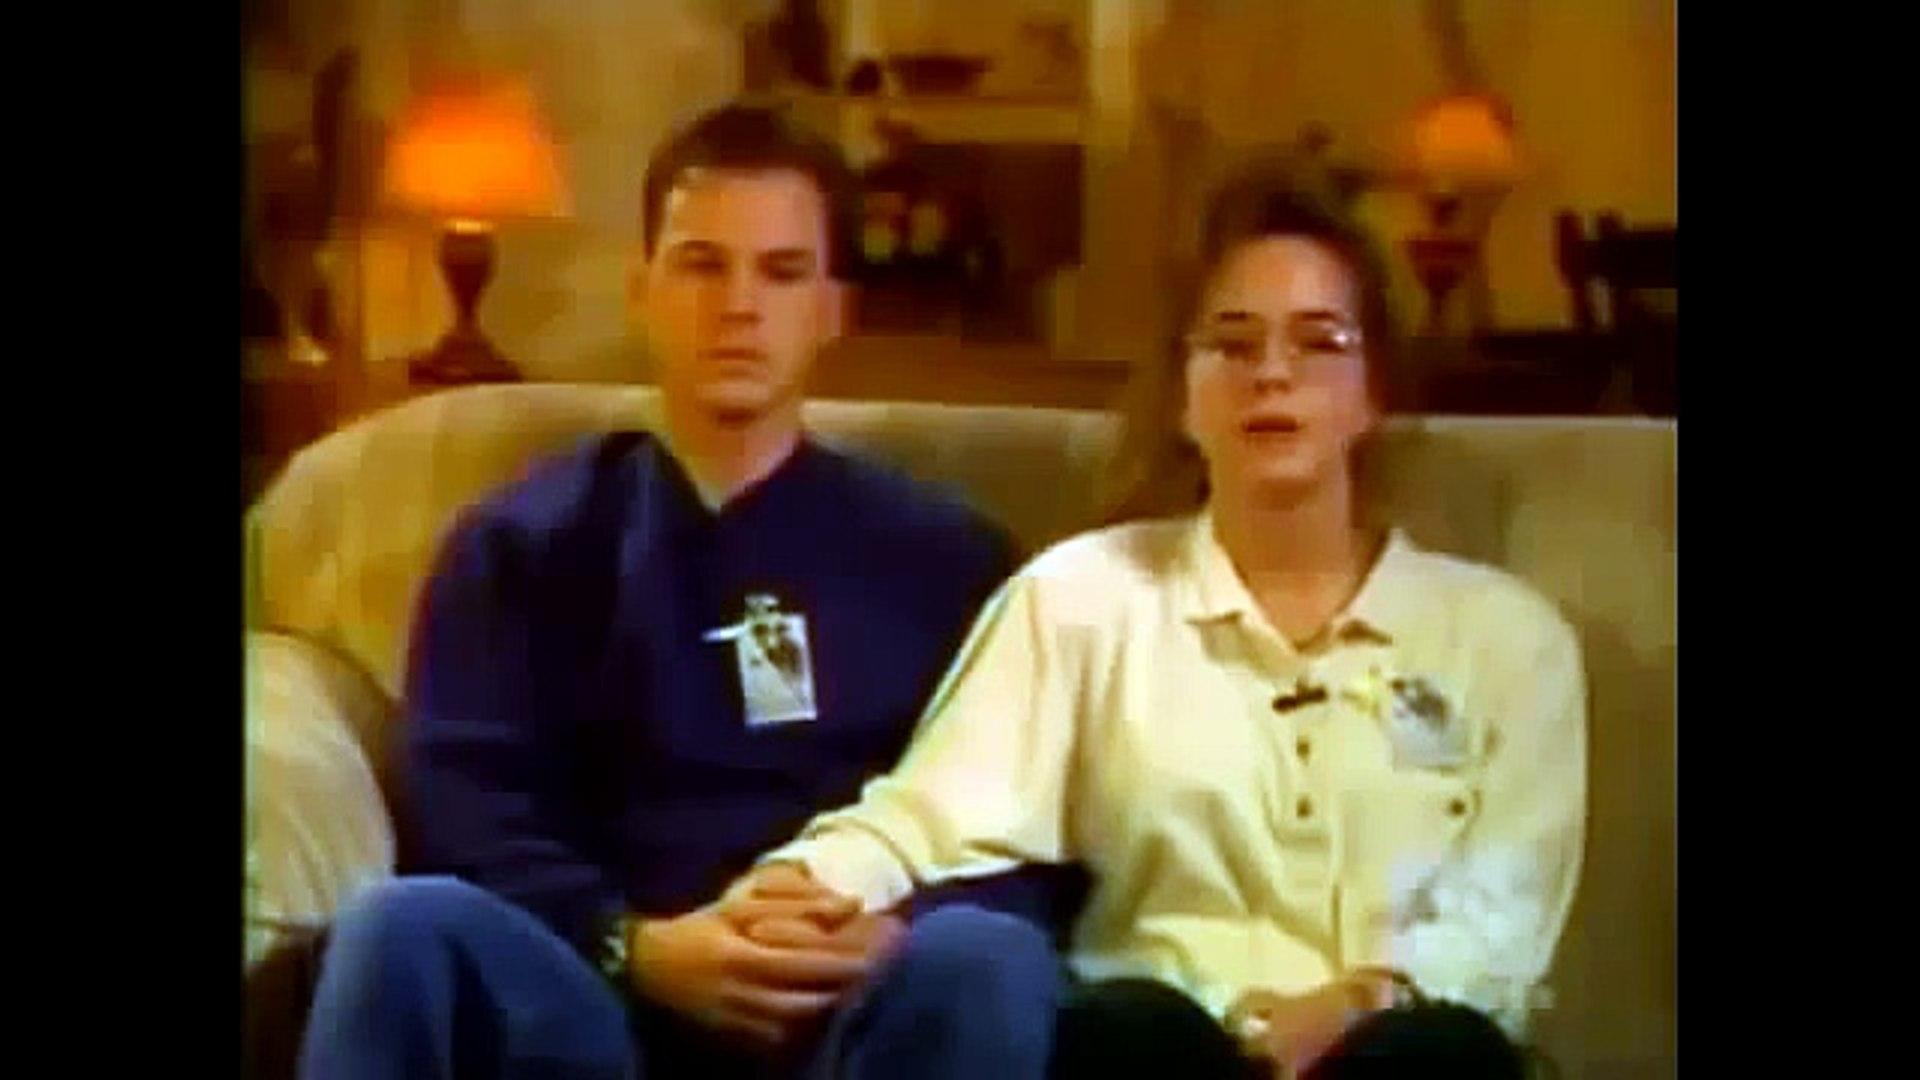 Susan Smith Child Killer Full Crime Documentary